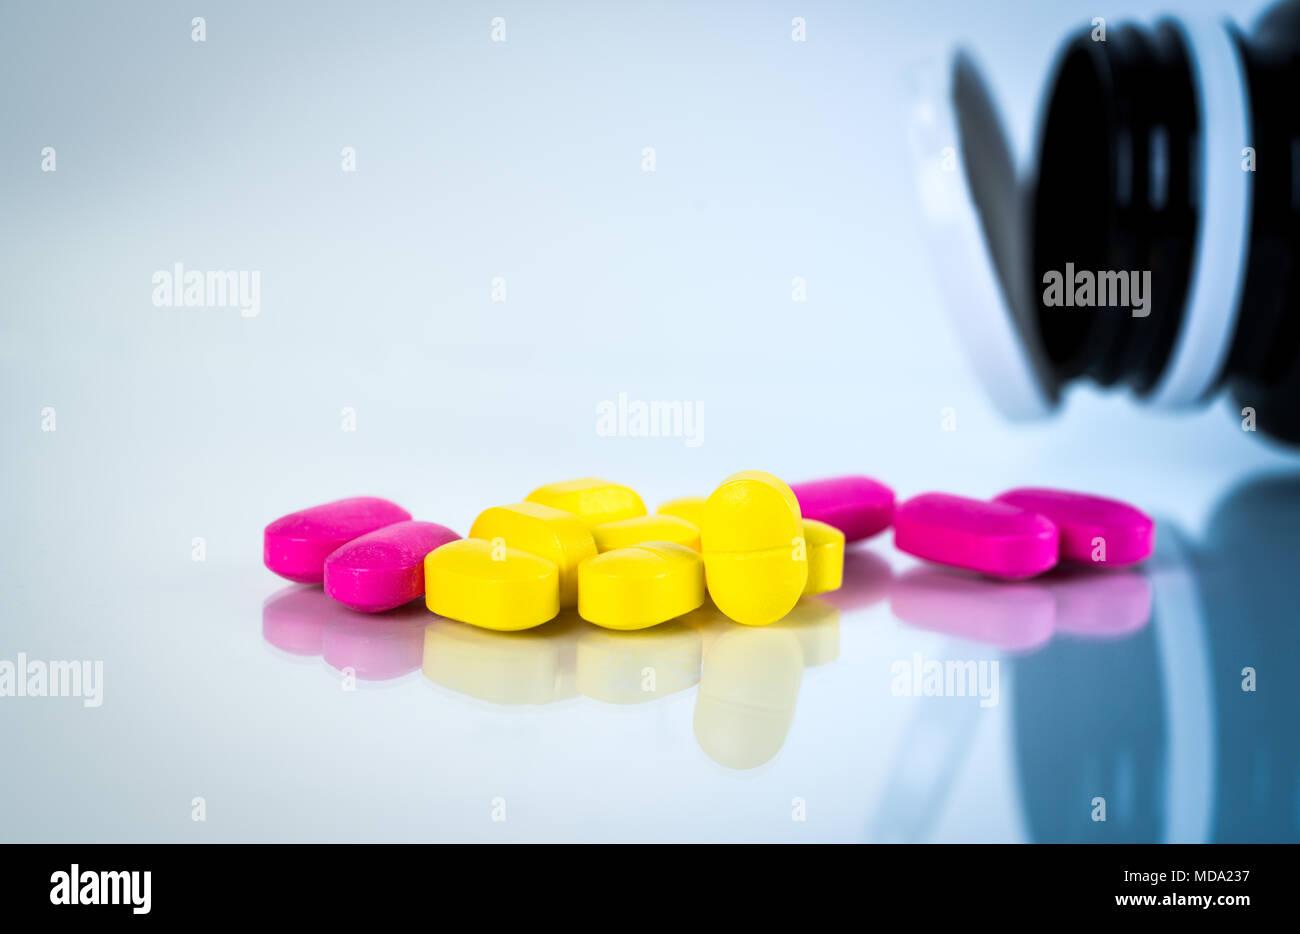 Giallo e rosa compressa ovale pillole con ombre su sfondo bianco con le pillole sfocata bottiglia. Da lieve a moderata la gestione del dolore. Killer del dolore medicina. Foto Stock